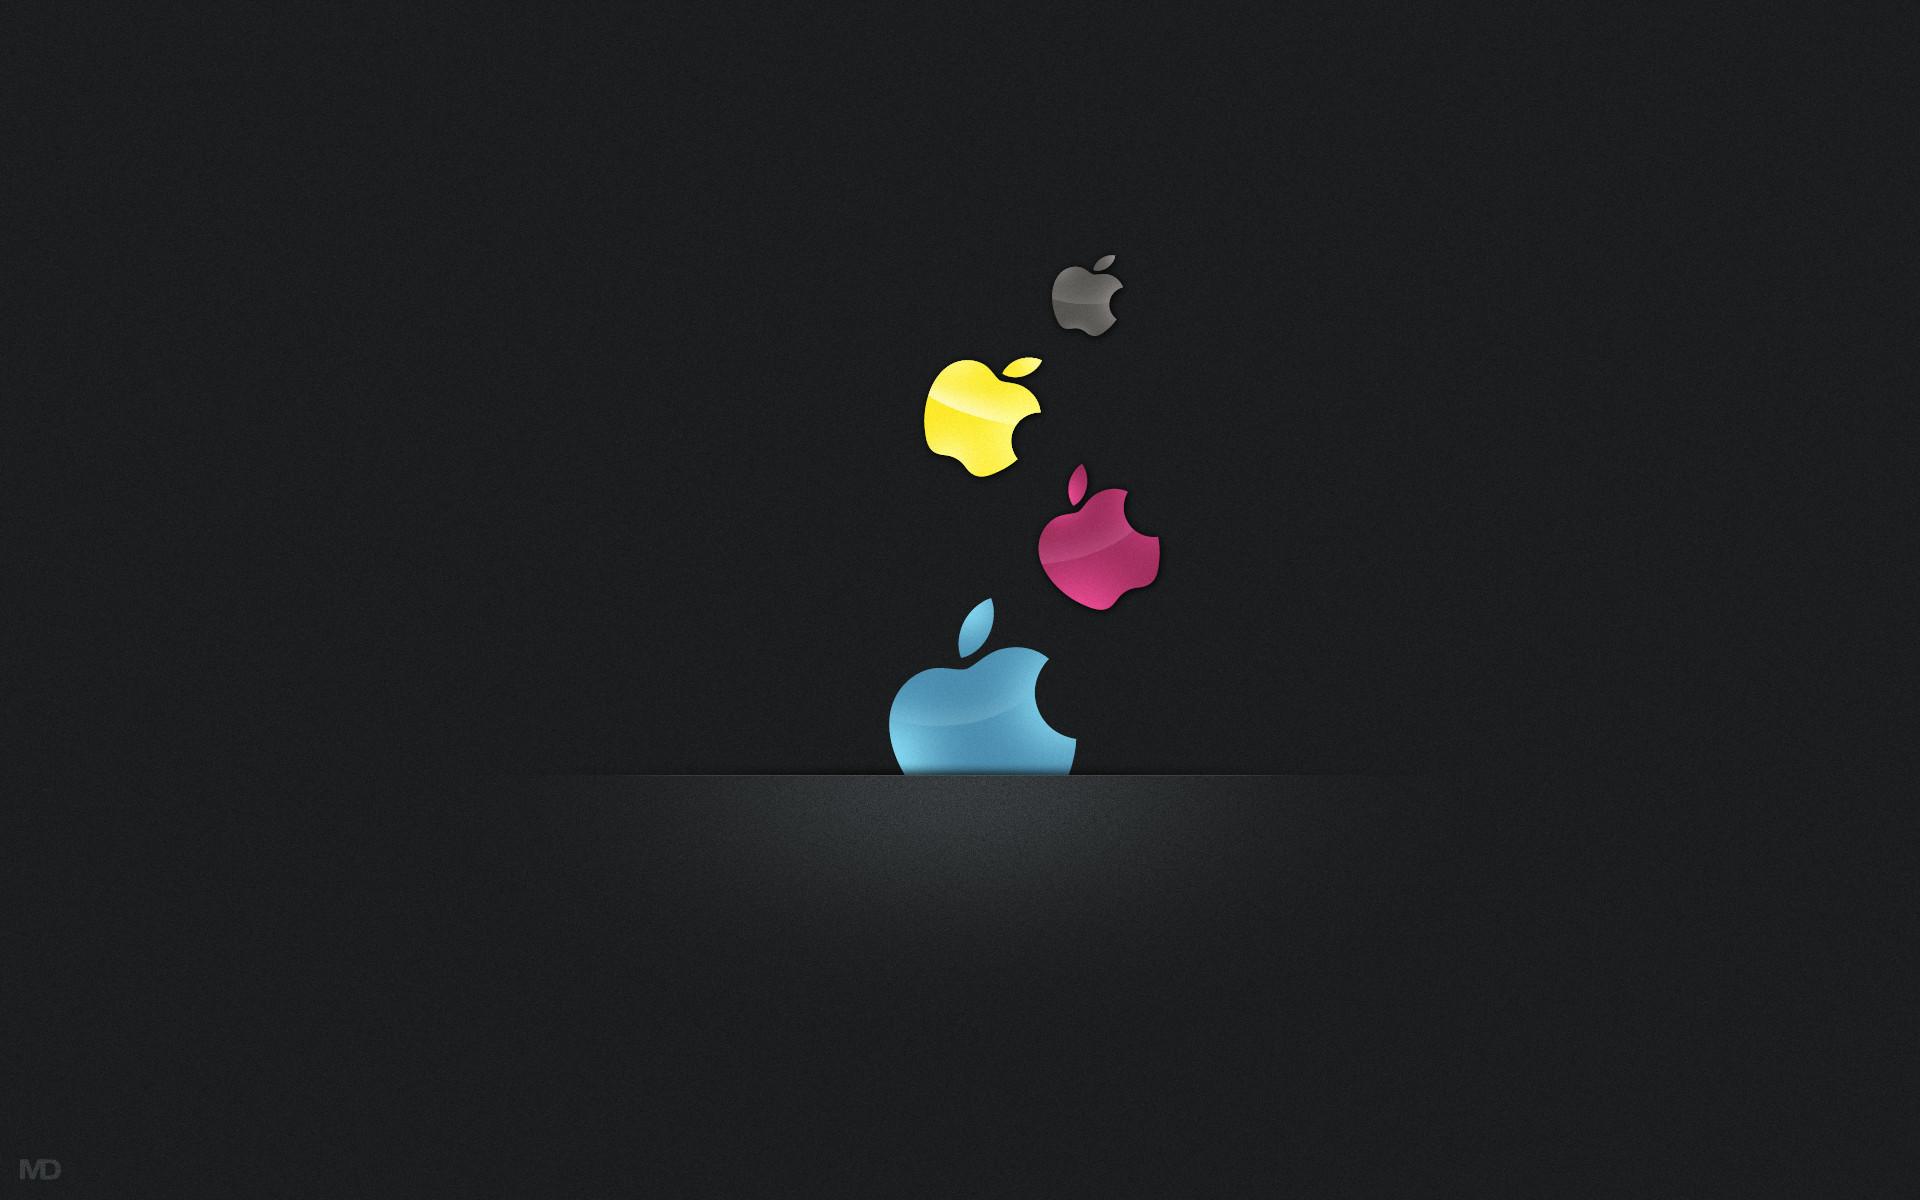 Apple Waterfall Light HD wallpapers – https://www.0wallpapers.com/